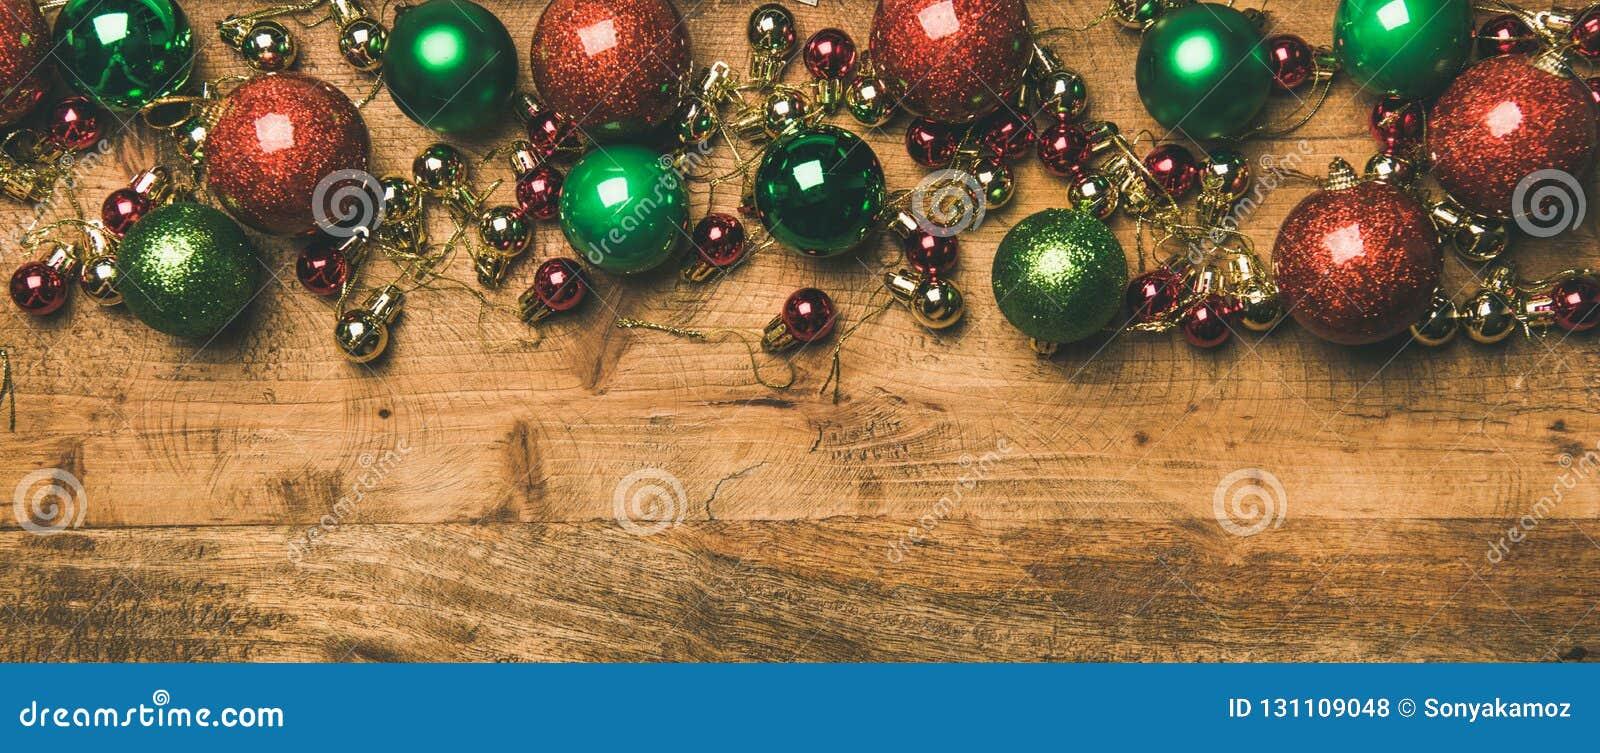 Färgrika bollar för garnering för julträd på träbakgrund, kopieringsutrymme